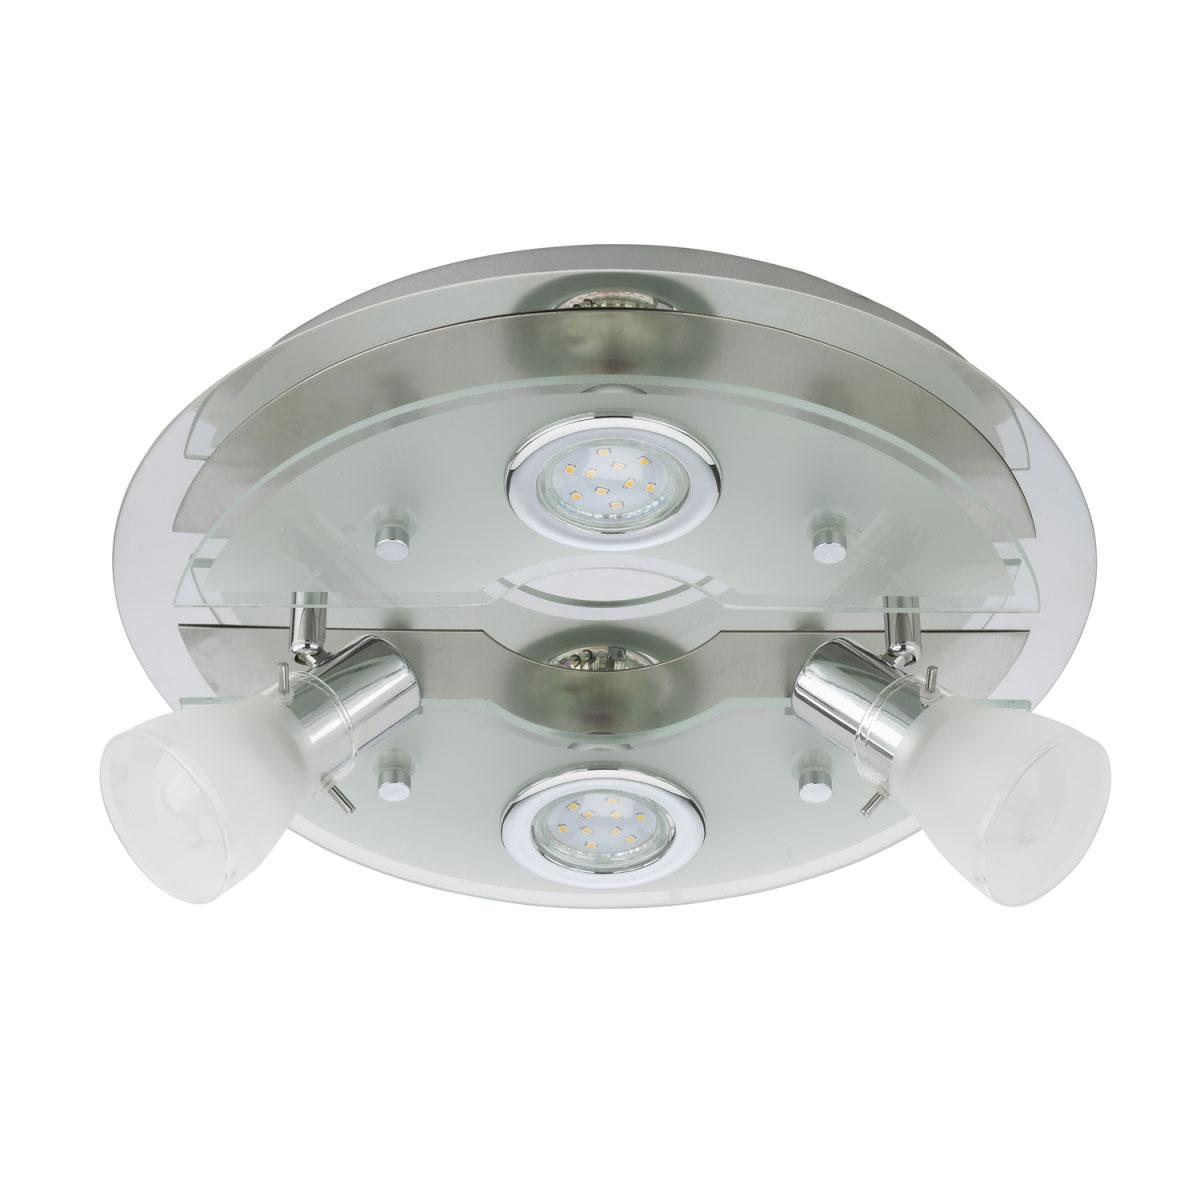 Deckenleuchten - LED Deckenleuchte, matt, GU10  - Onlineshop Hellweg